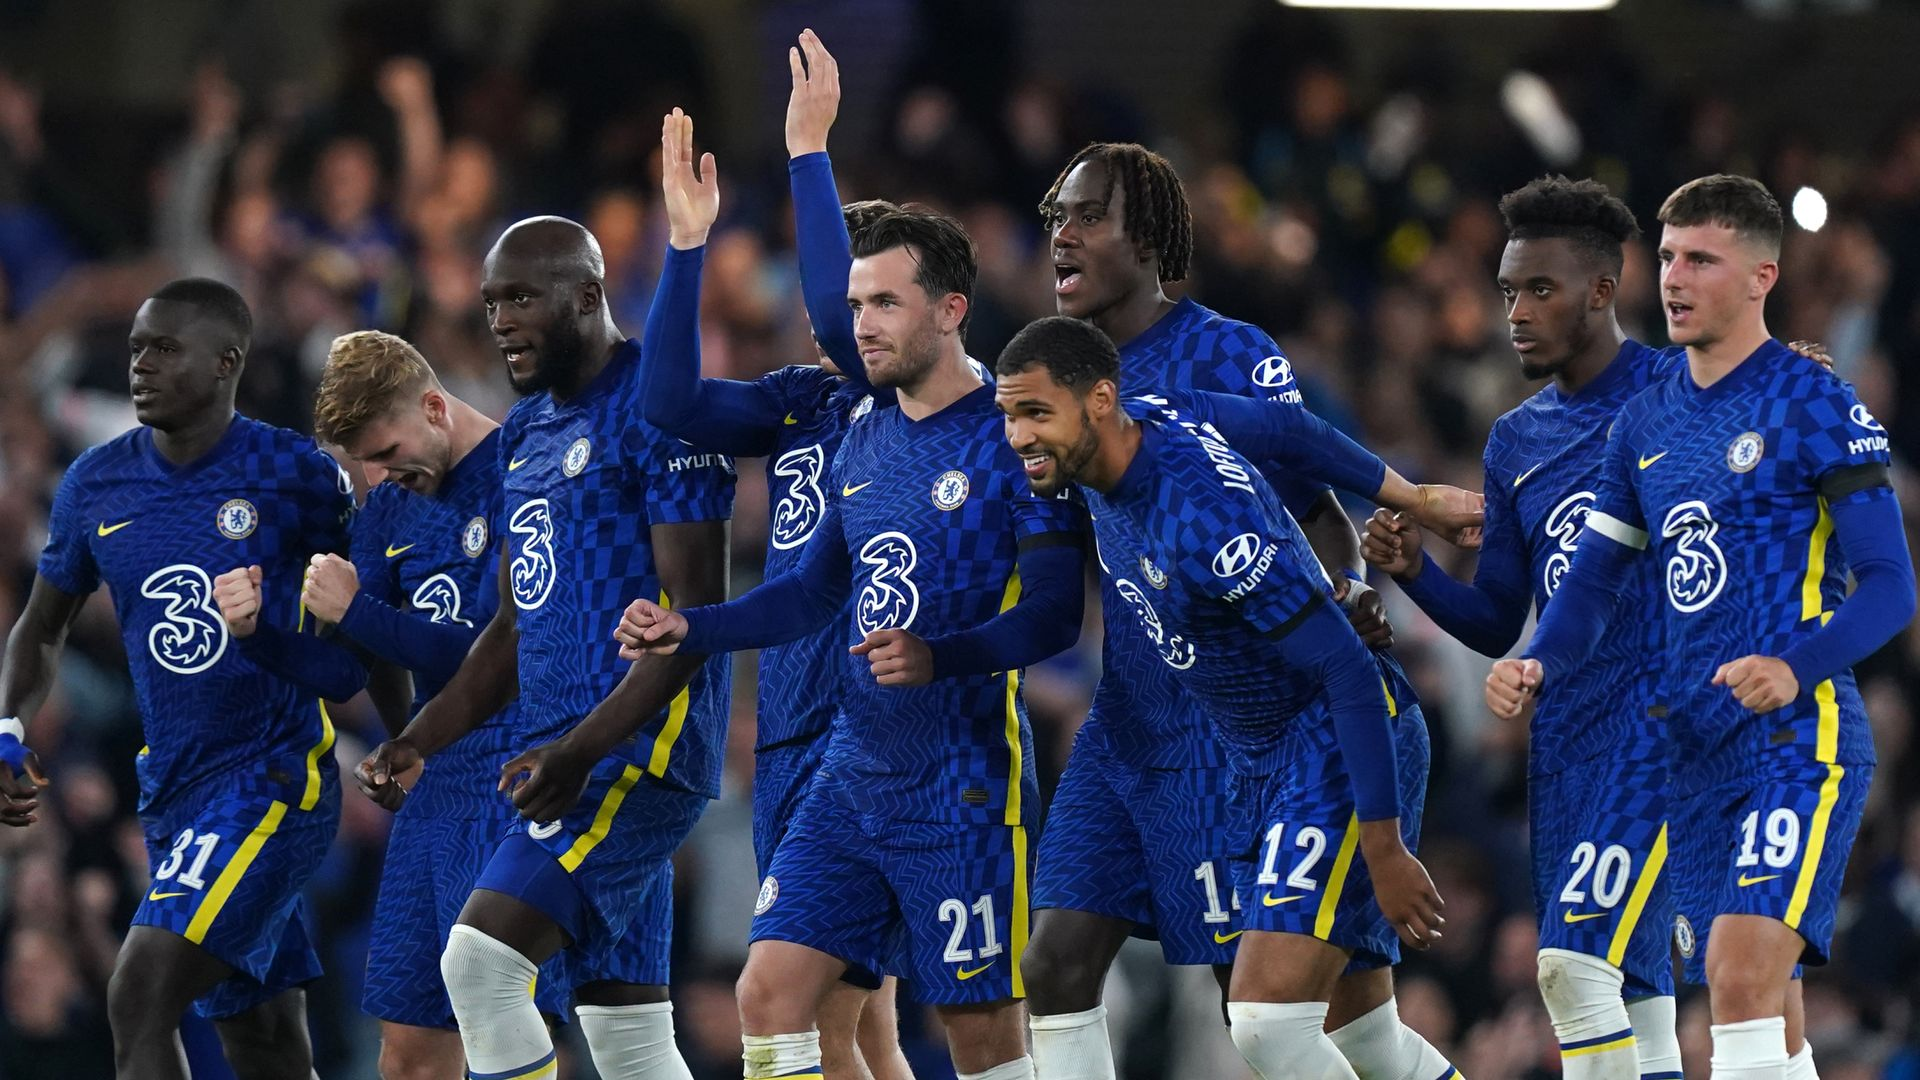 Chelsea edge Villa on pens to reach round four